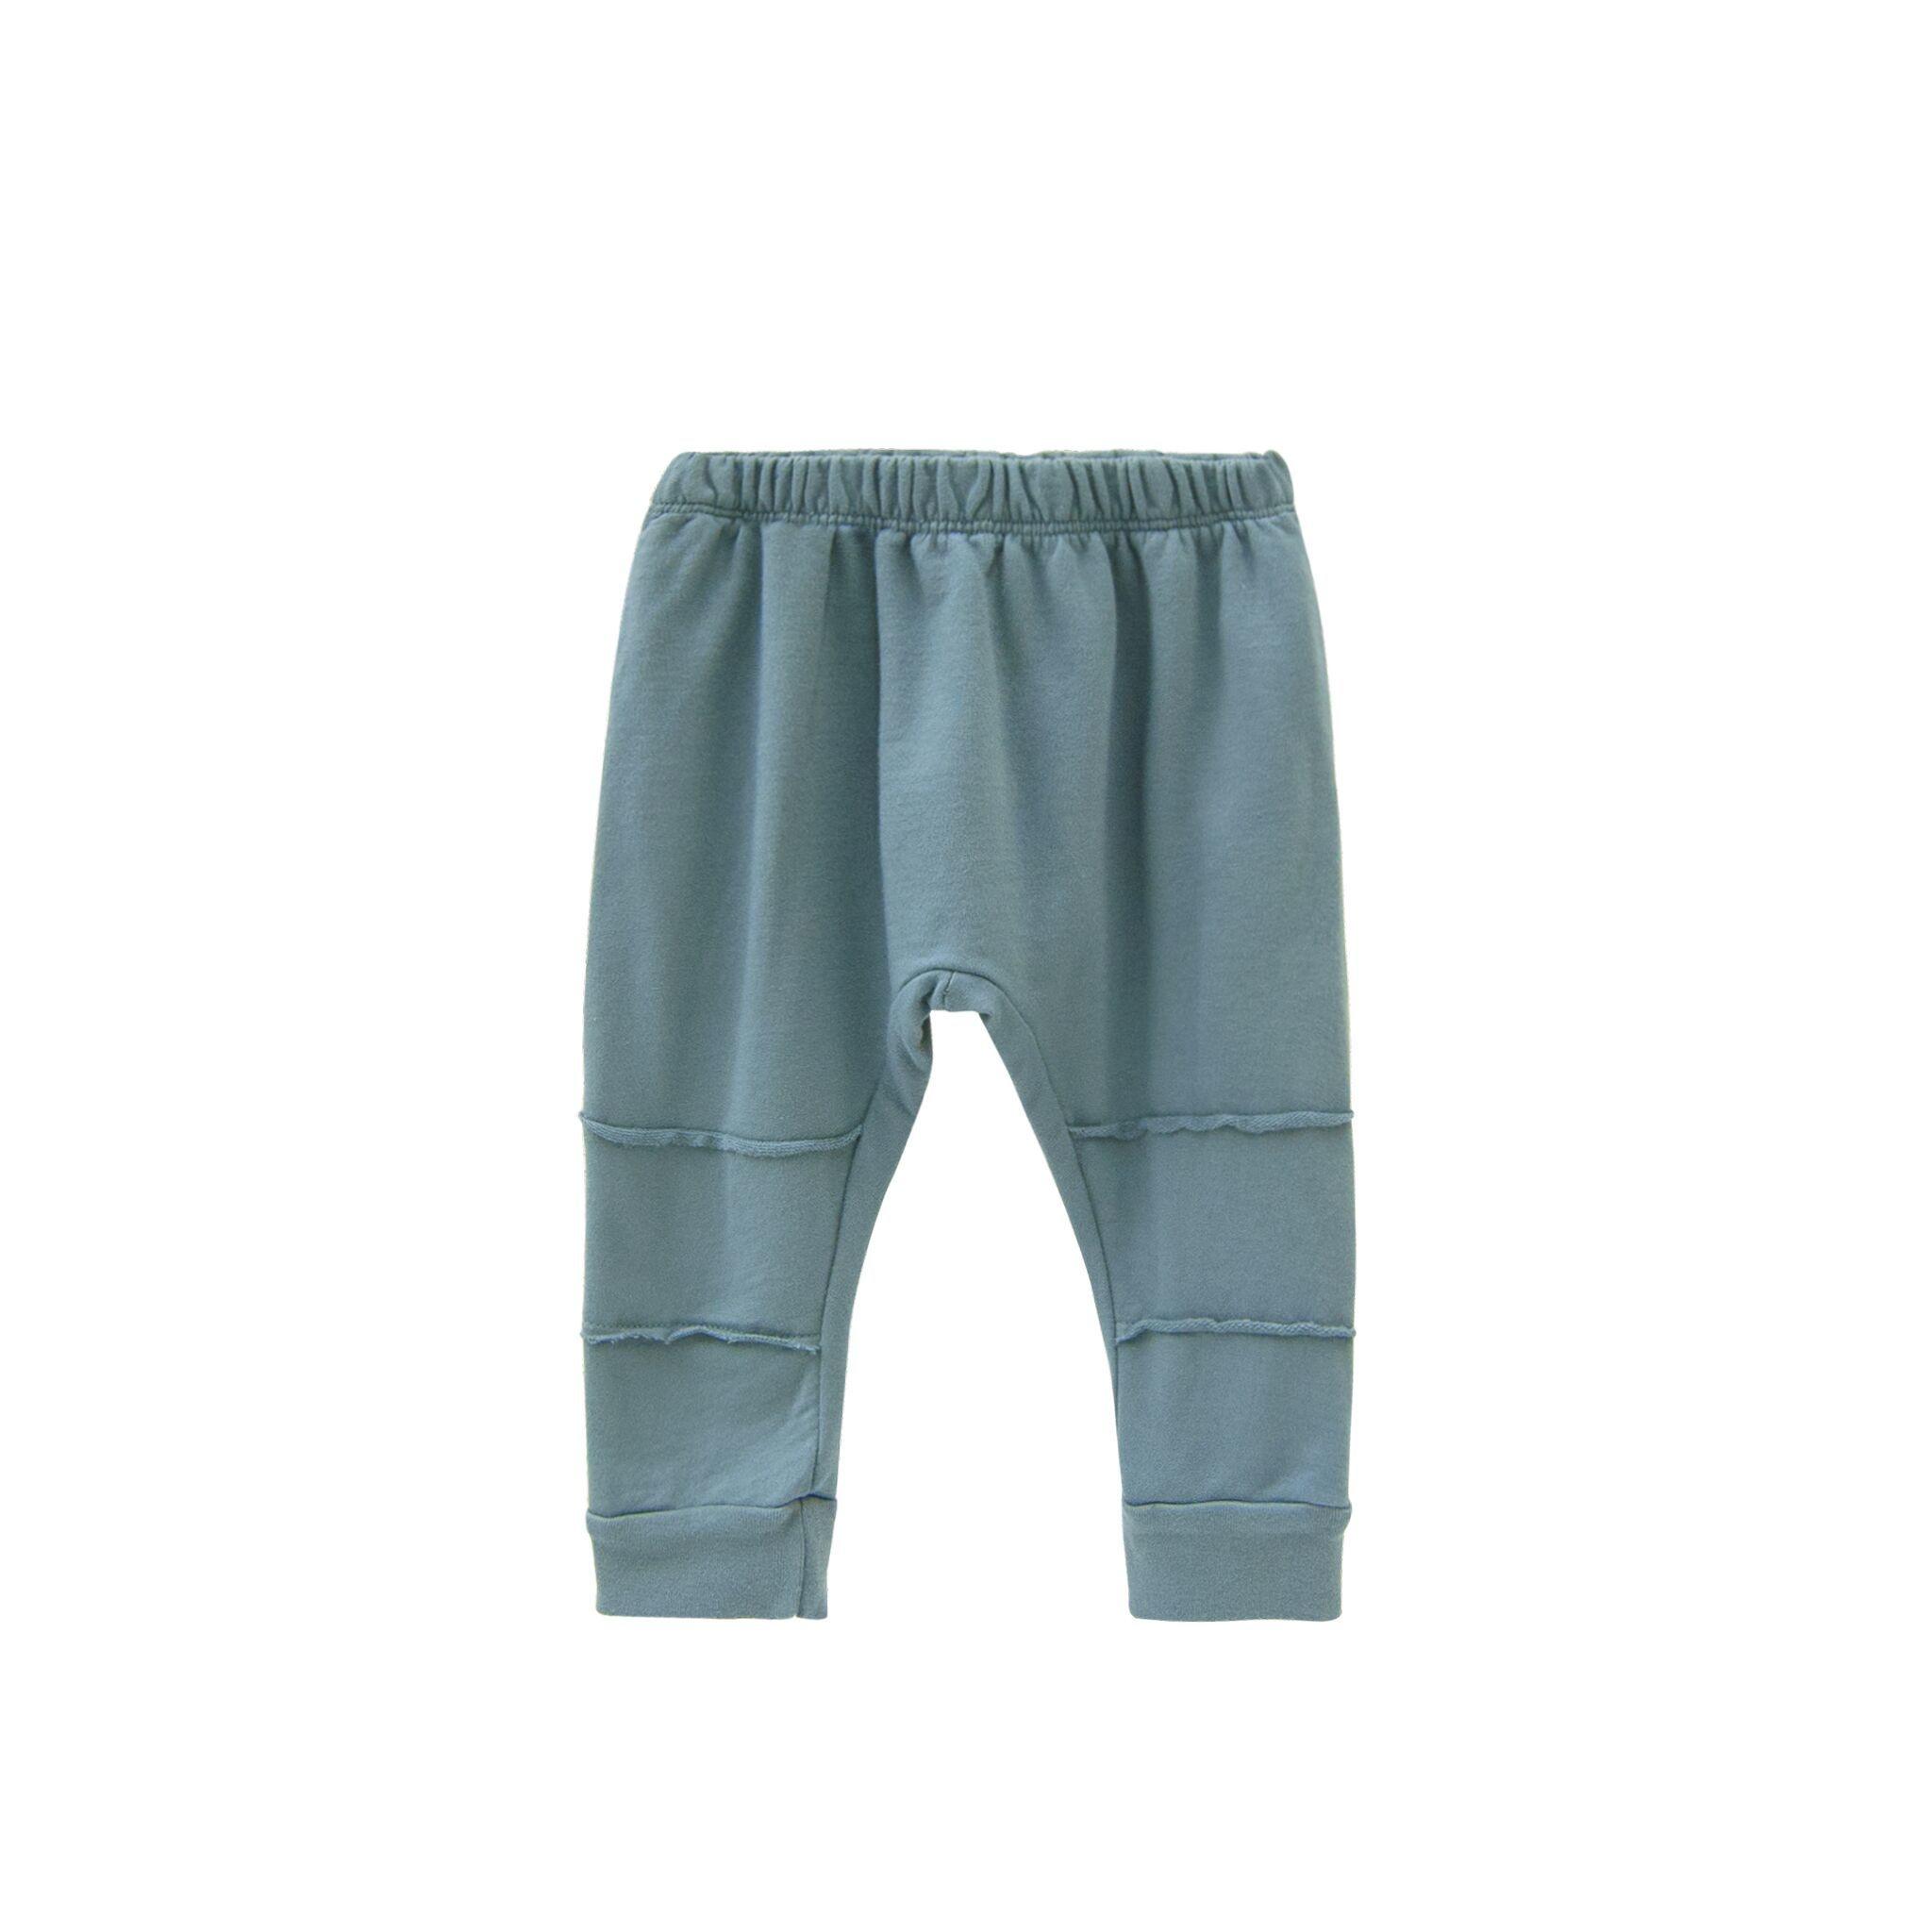 Go Gently Paneled Pant Rain